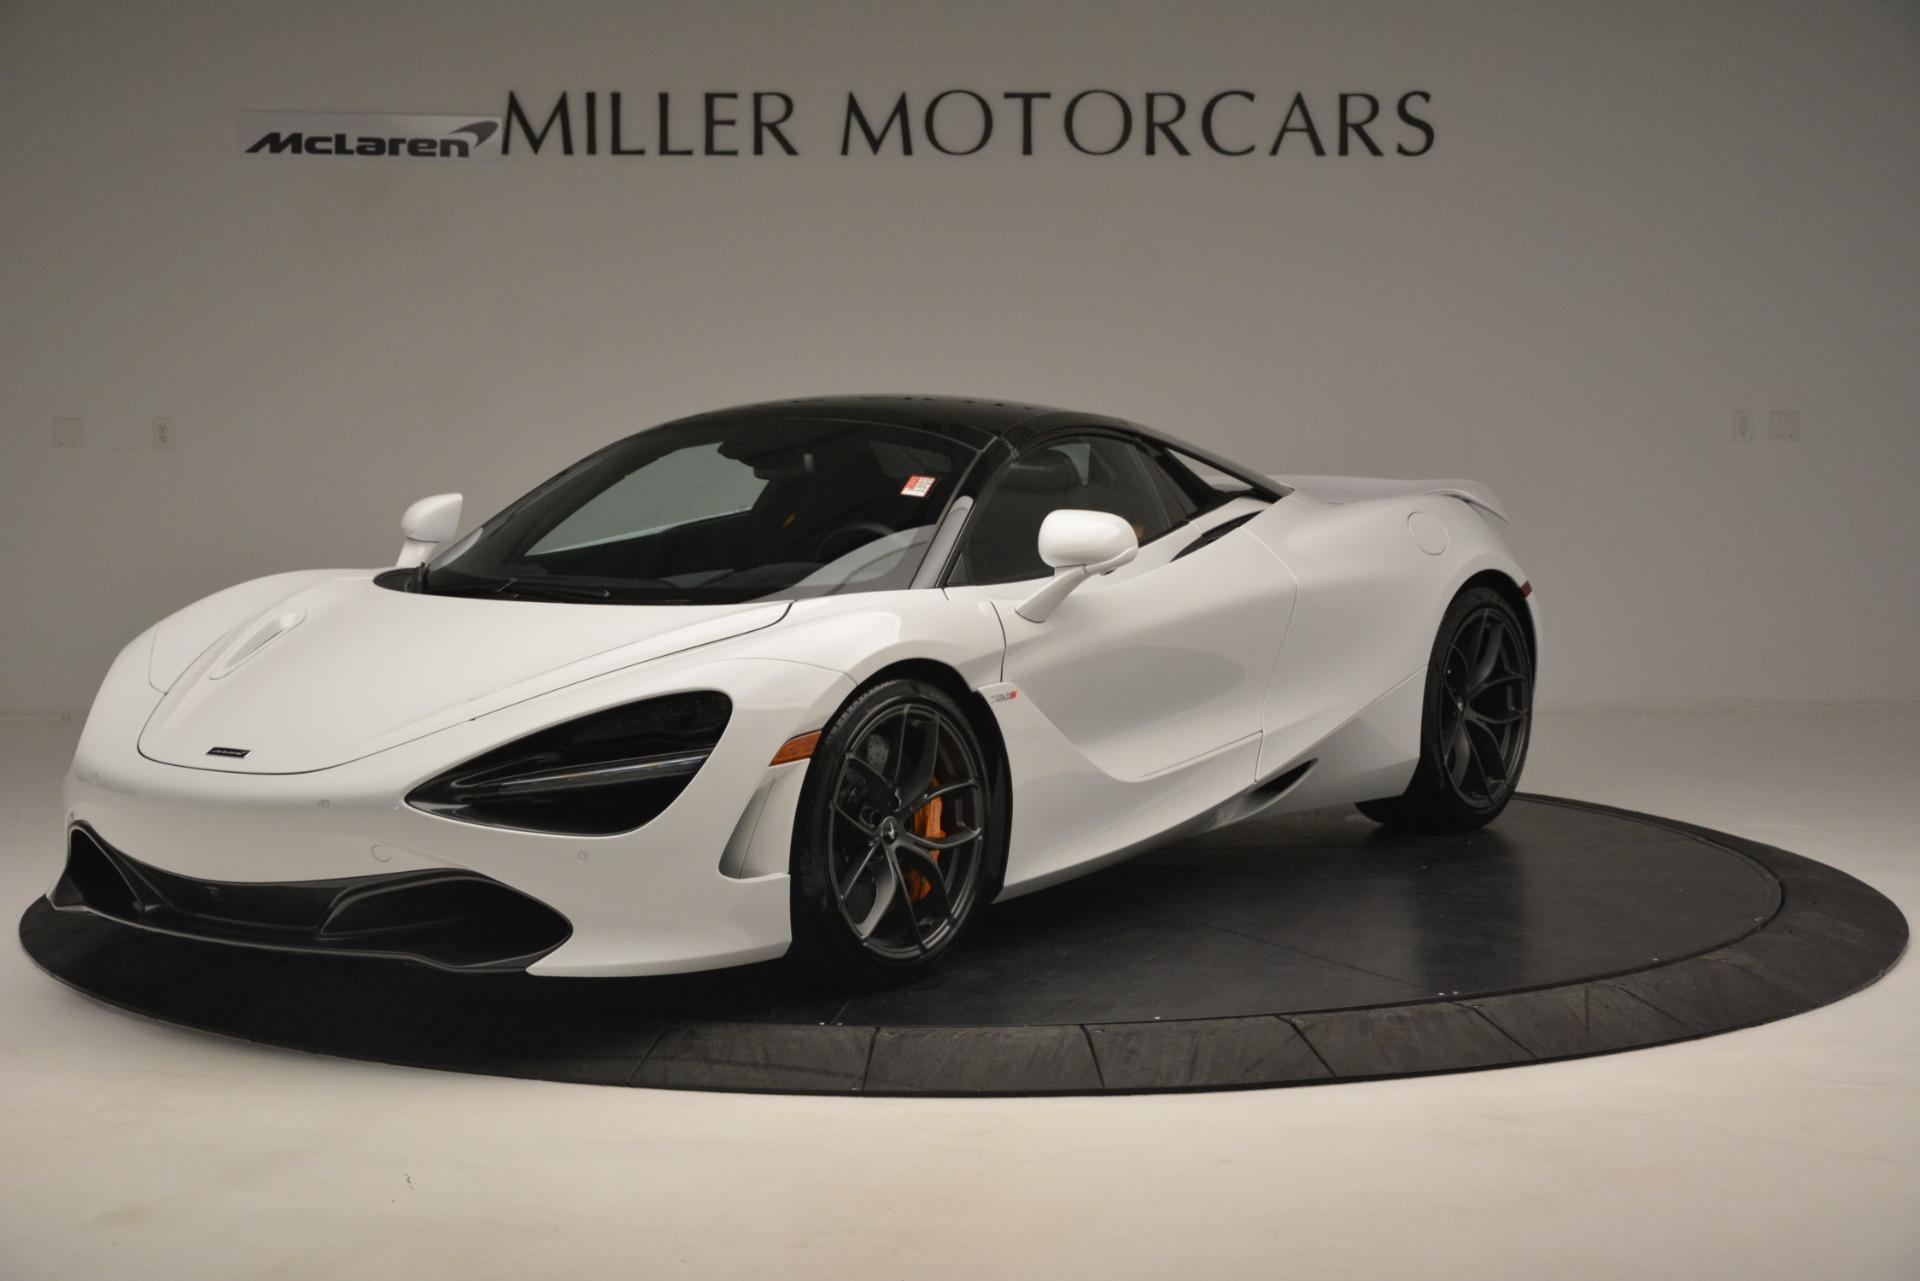 New 2020 McLaren 720S Spider Convertible For Sale In Westport, CT 3229_p2